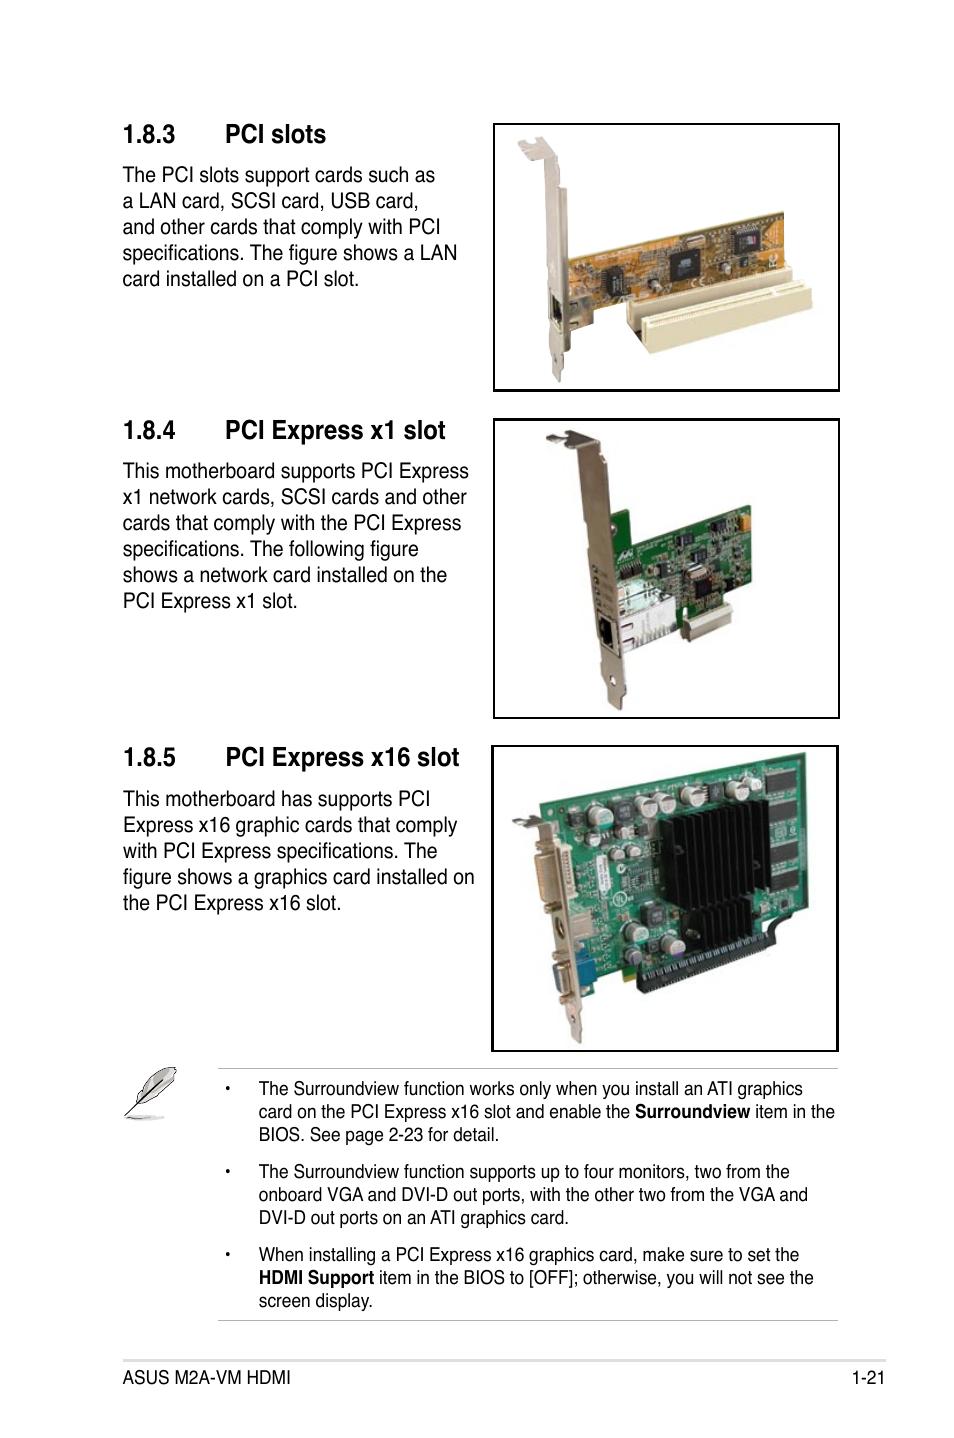 Pci slots, Pci express x1 slot, Pci express x16 slot   Asus